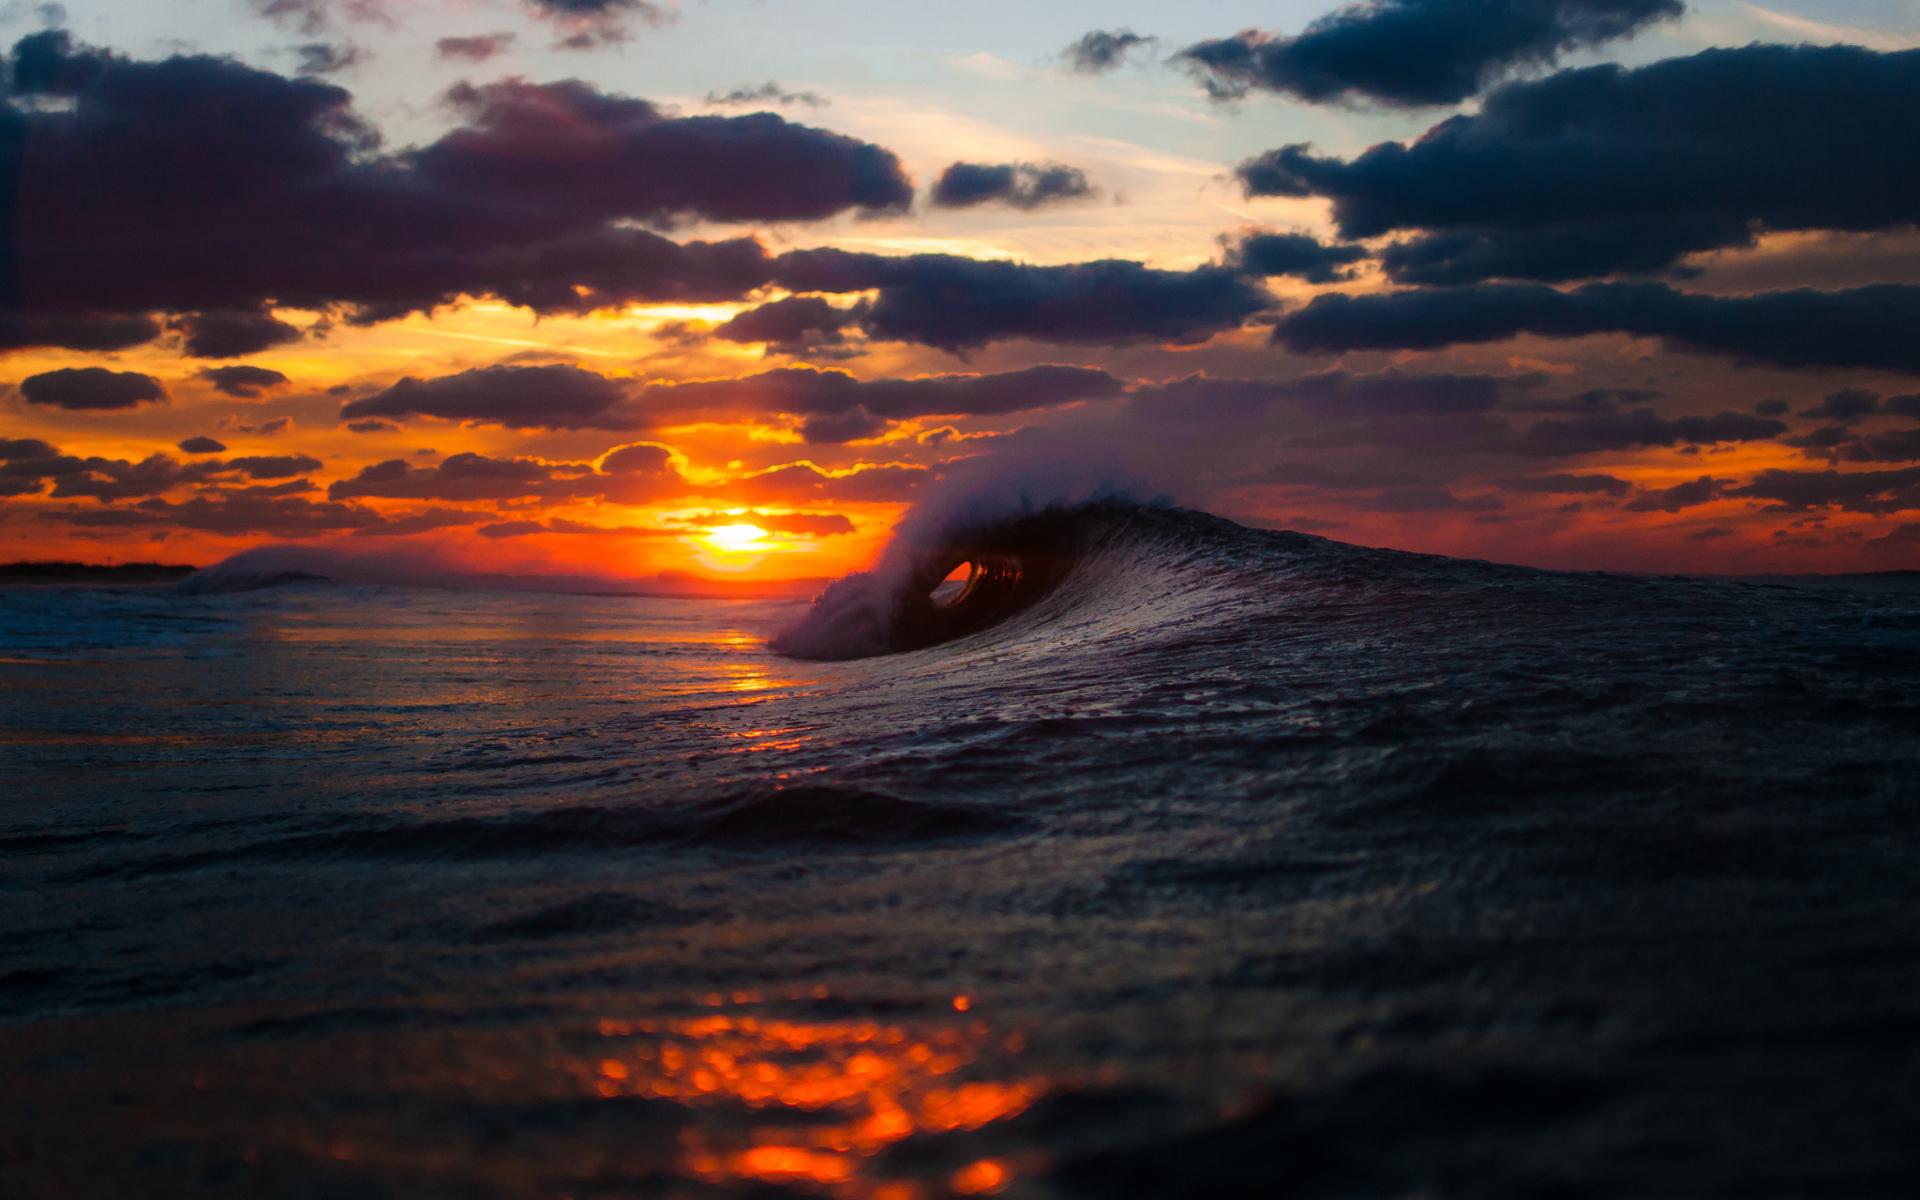 Beach Sunset Wallpaper Waves Hd Desktop Wallpapers 4k Hd